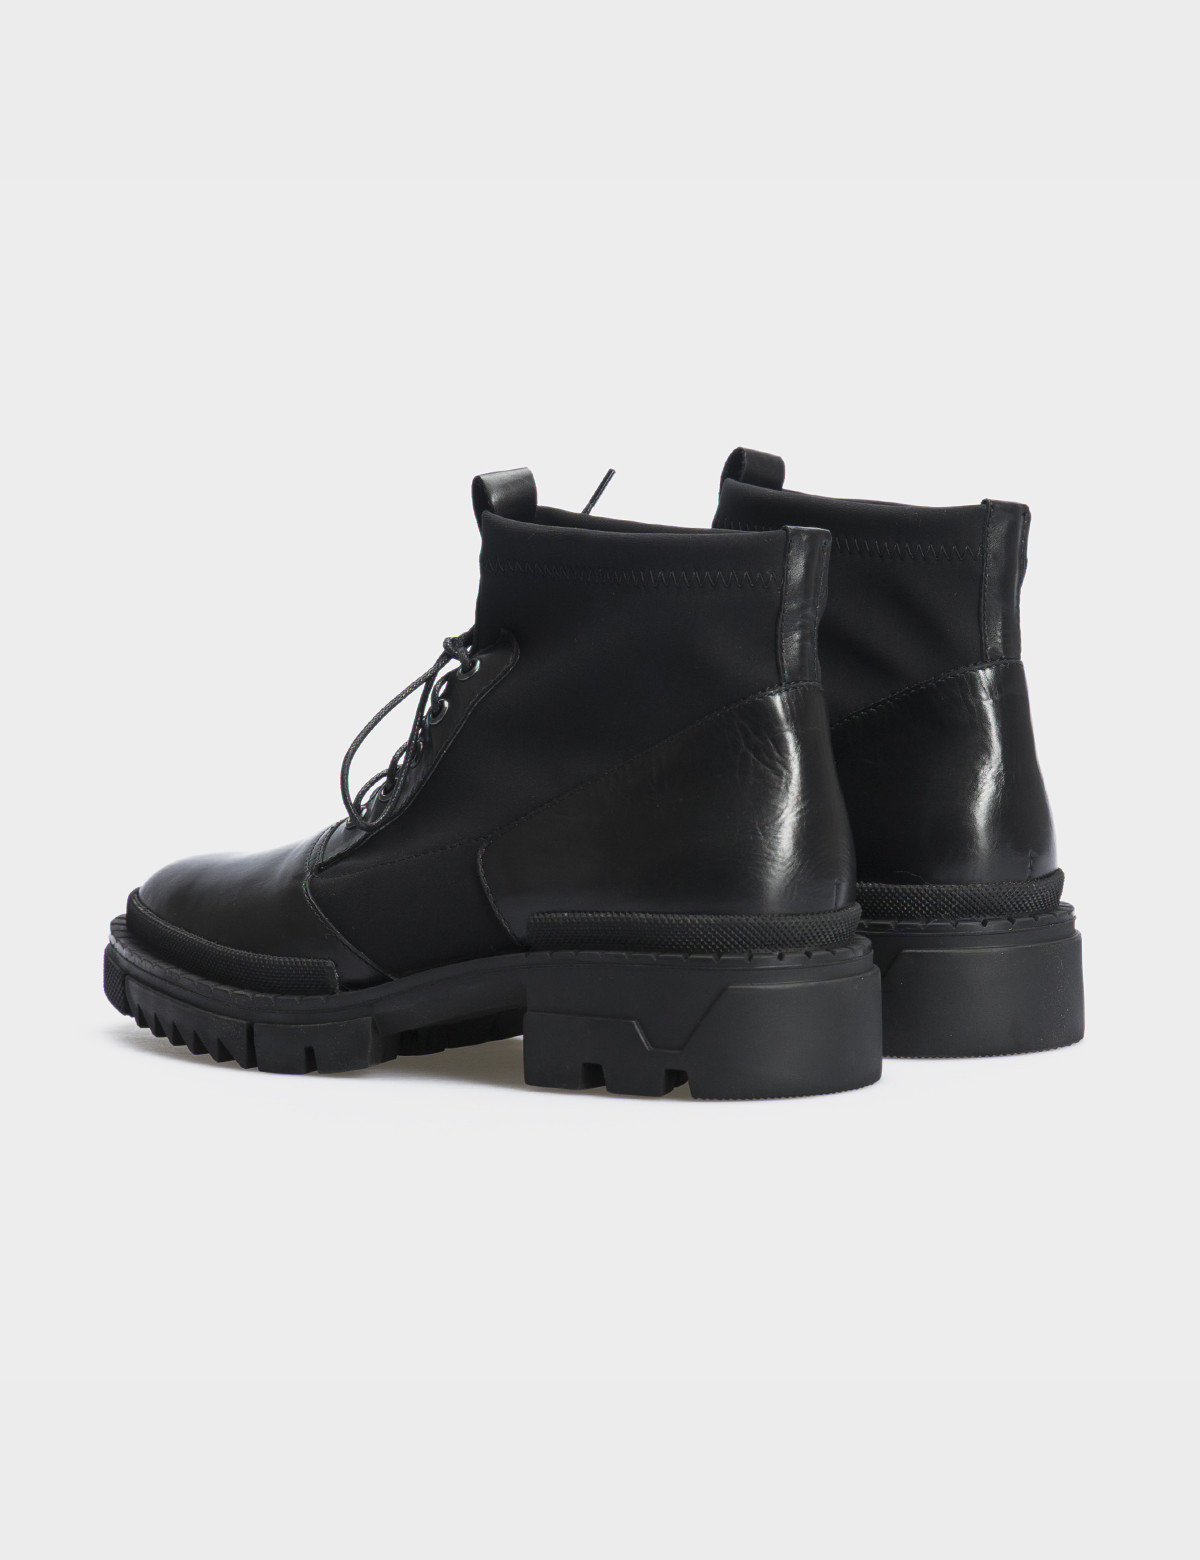 Ботинки черные, натуральная кожа/стрейч. Байка2